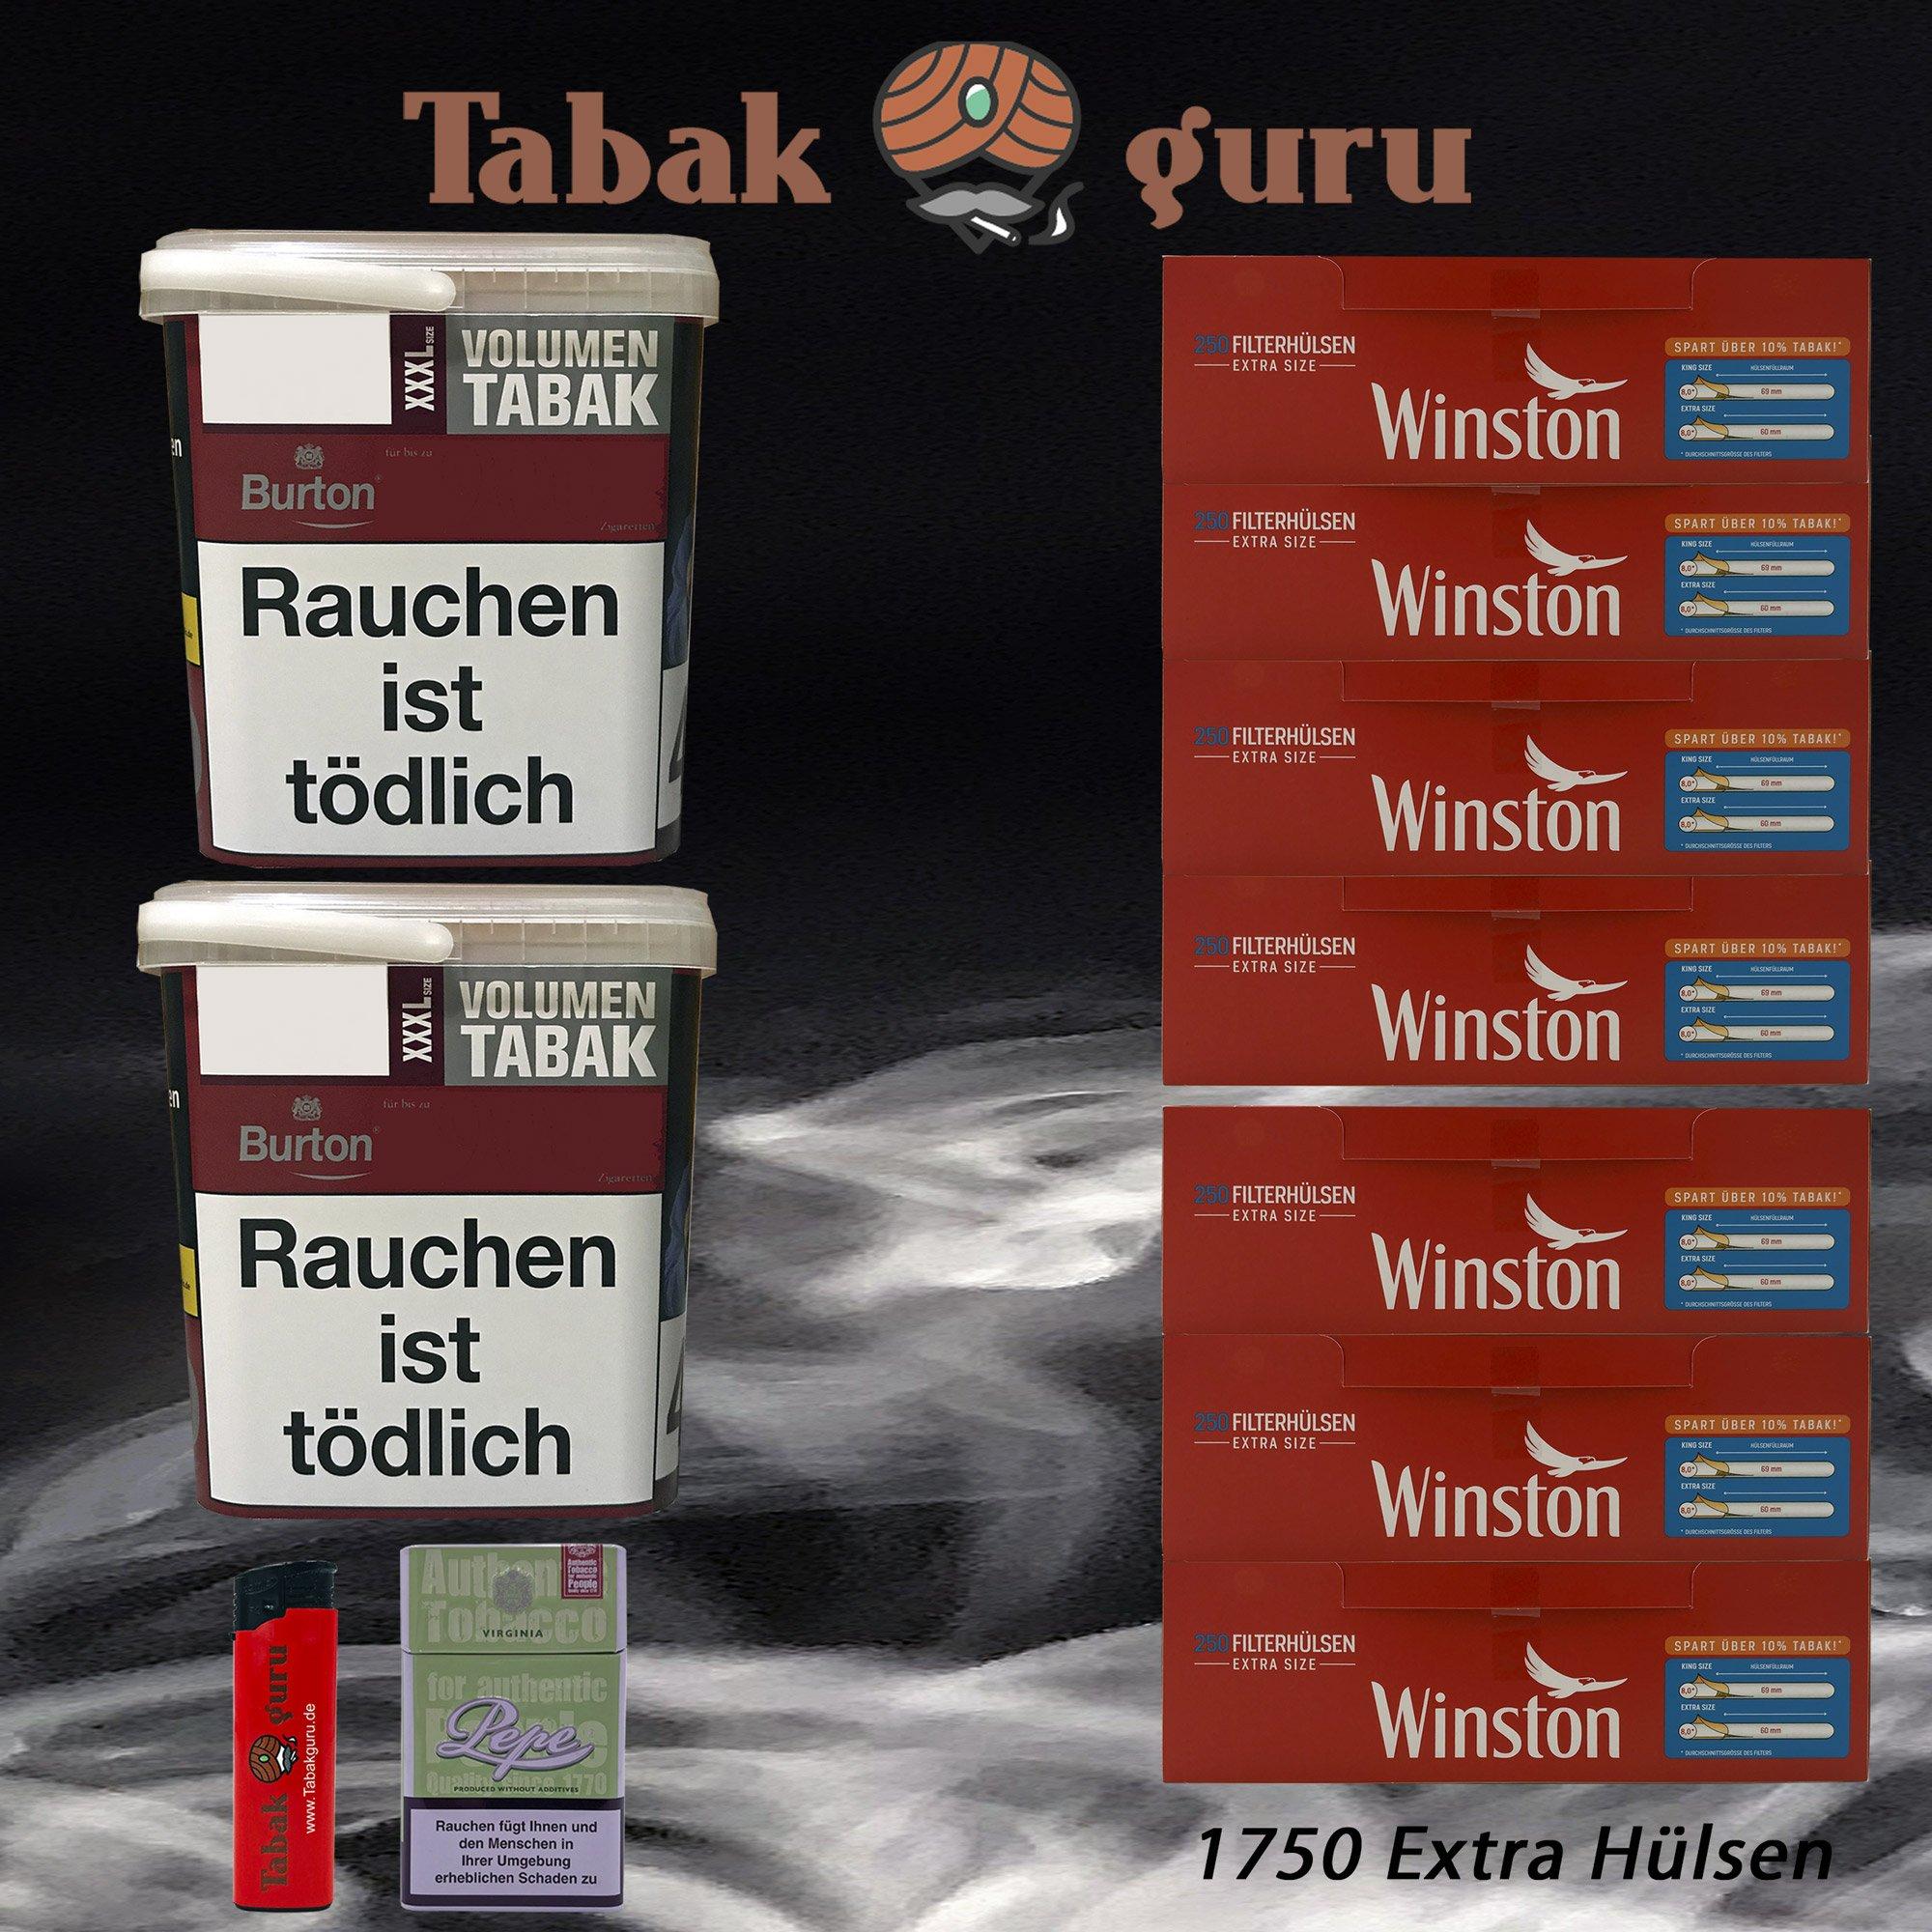 2x Burton Red Volumentabak / Zigarettentabak XXXL Eimer 370g + 1750 Winston Extra Hülsen